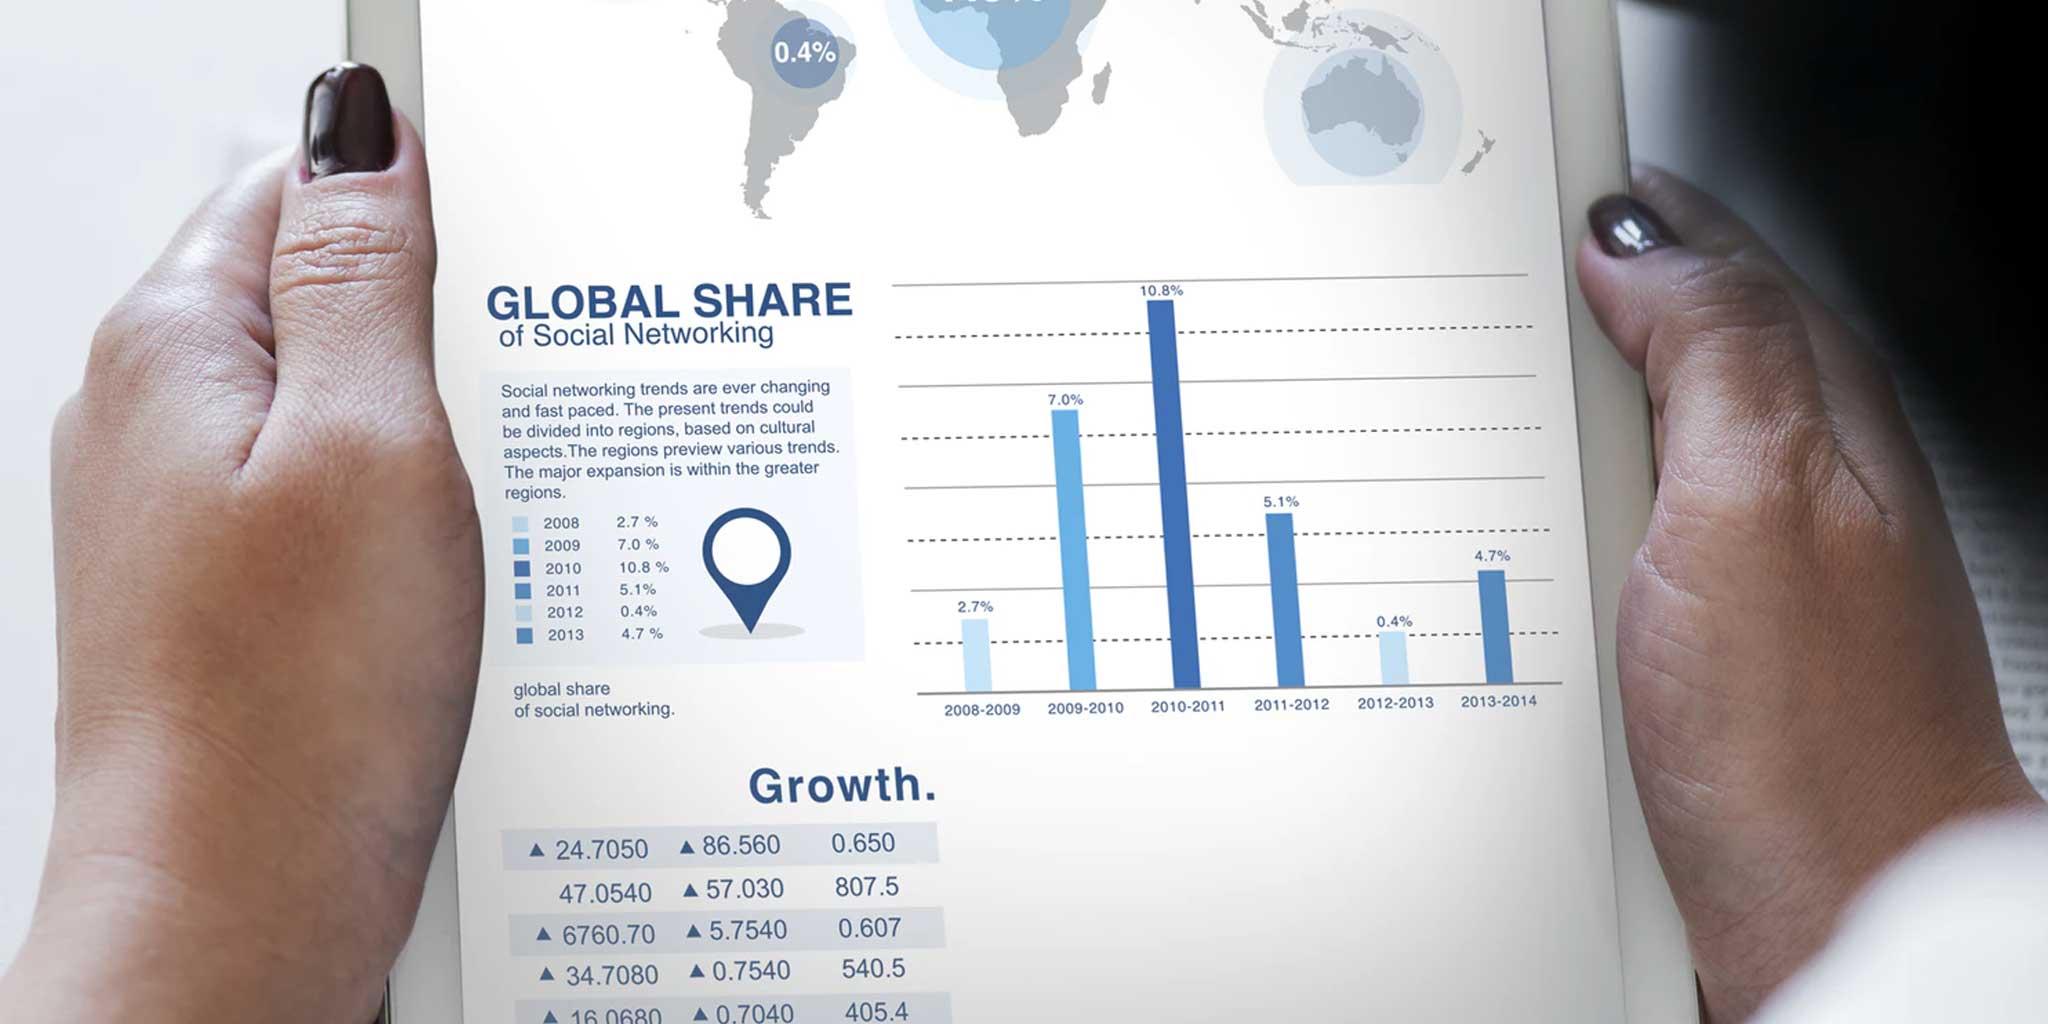 Iemand die een rapport vast heeft van Global share of Social Networking